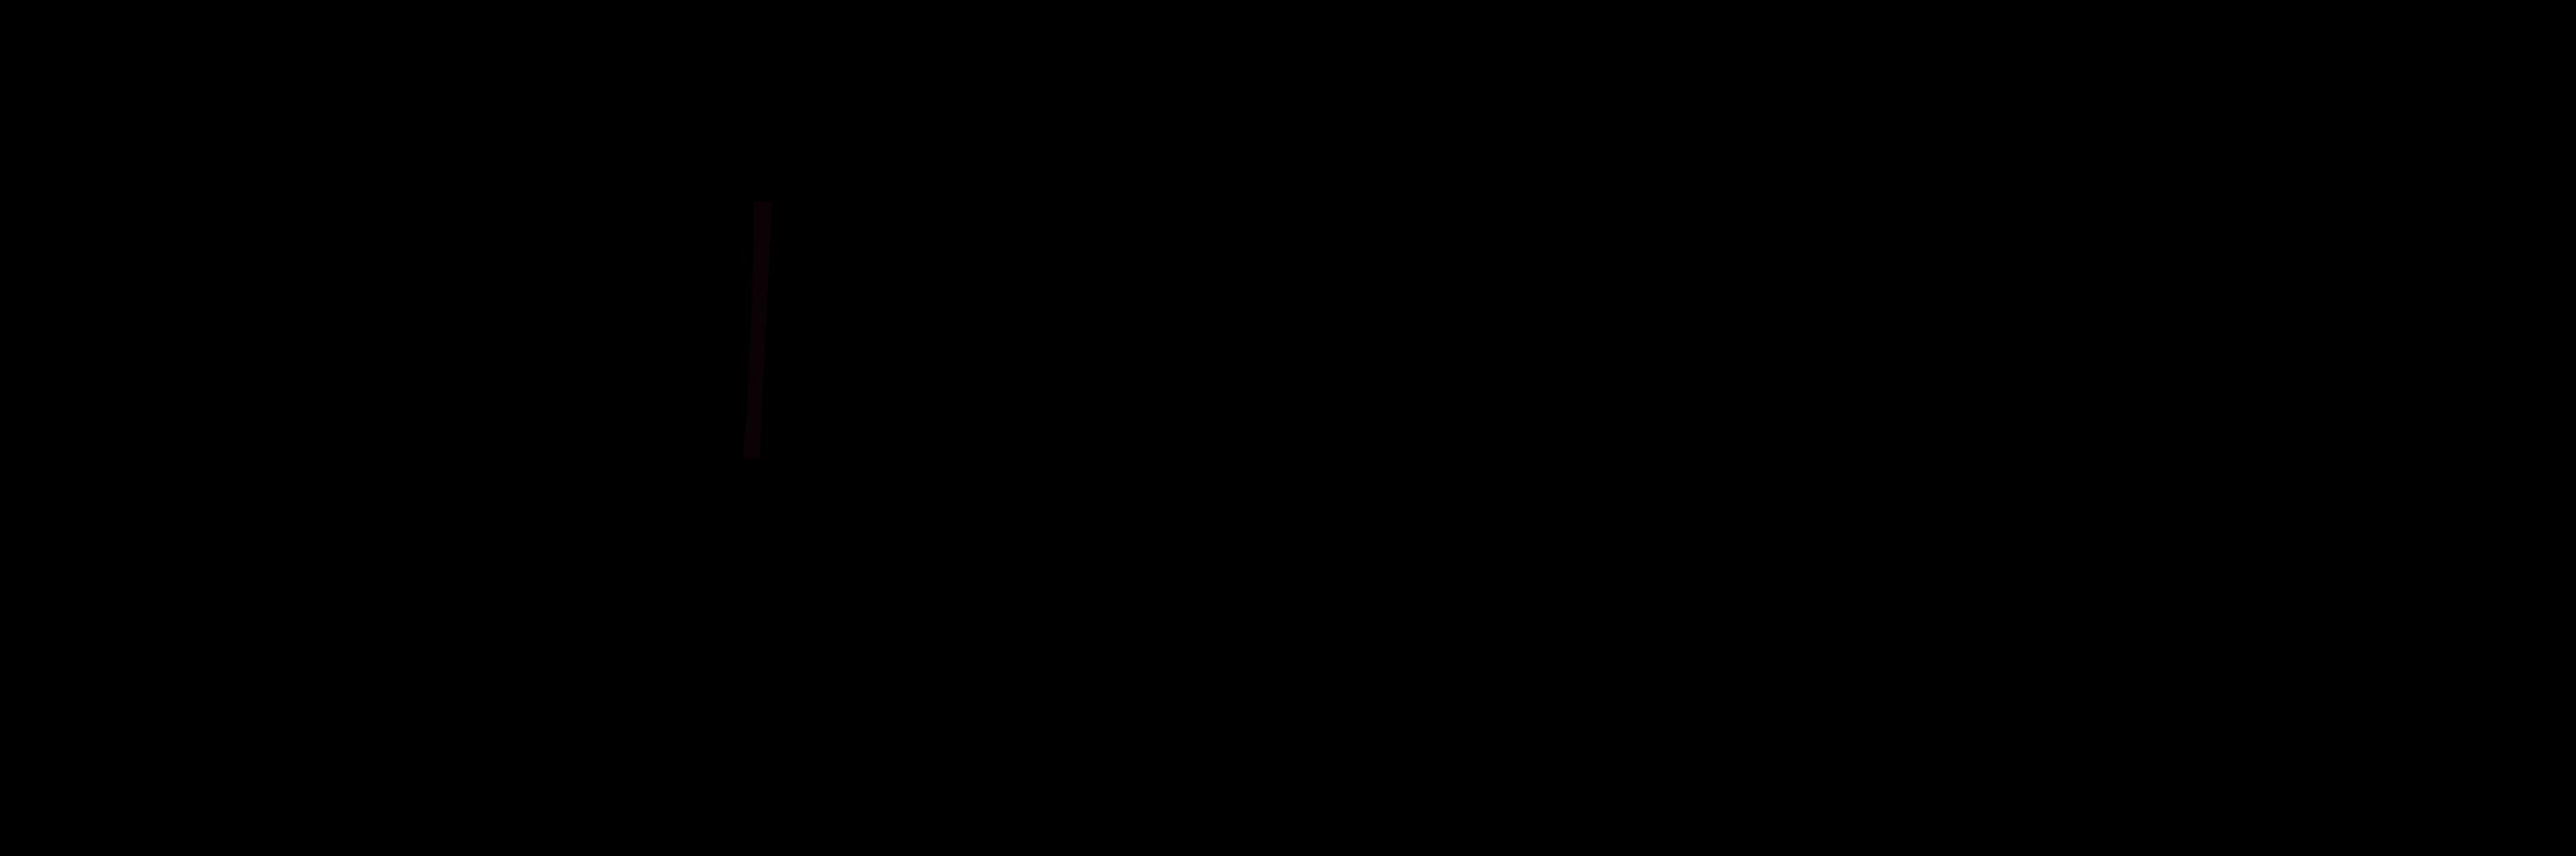 TurnStore | Dein Sport - Unsere Passion-Logo